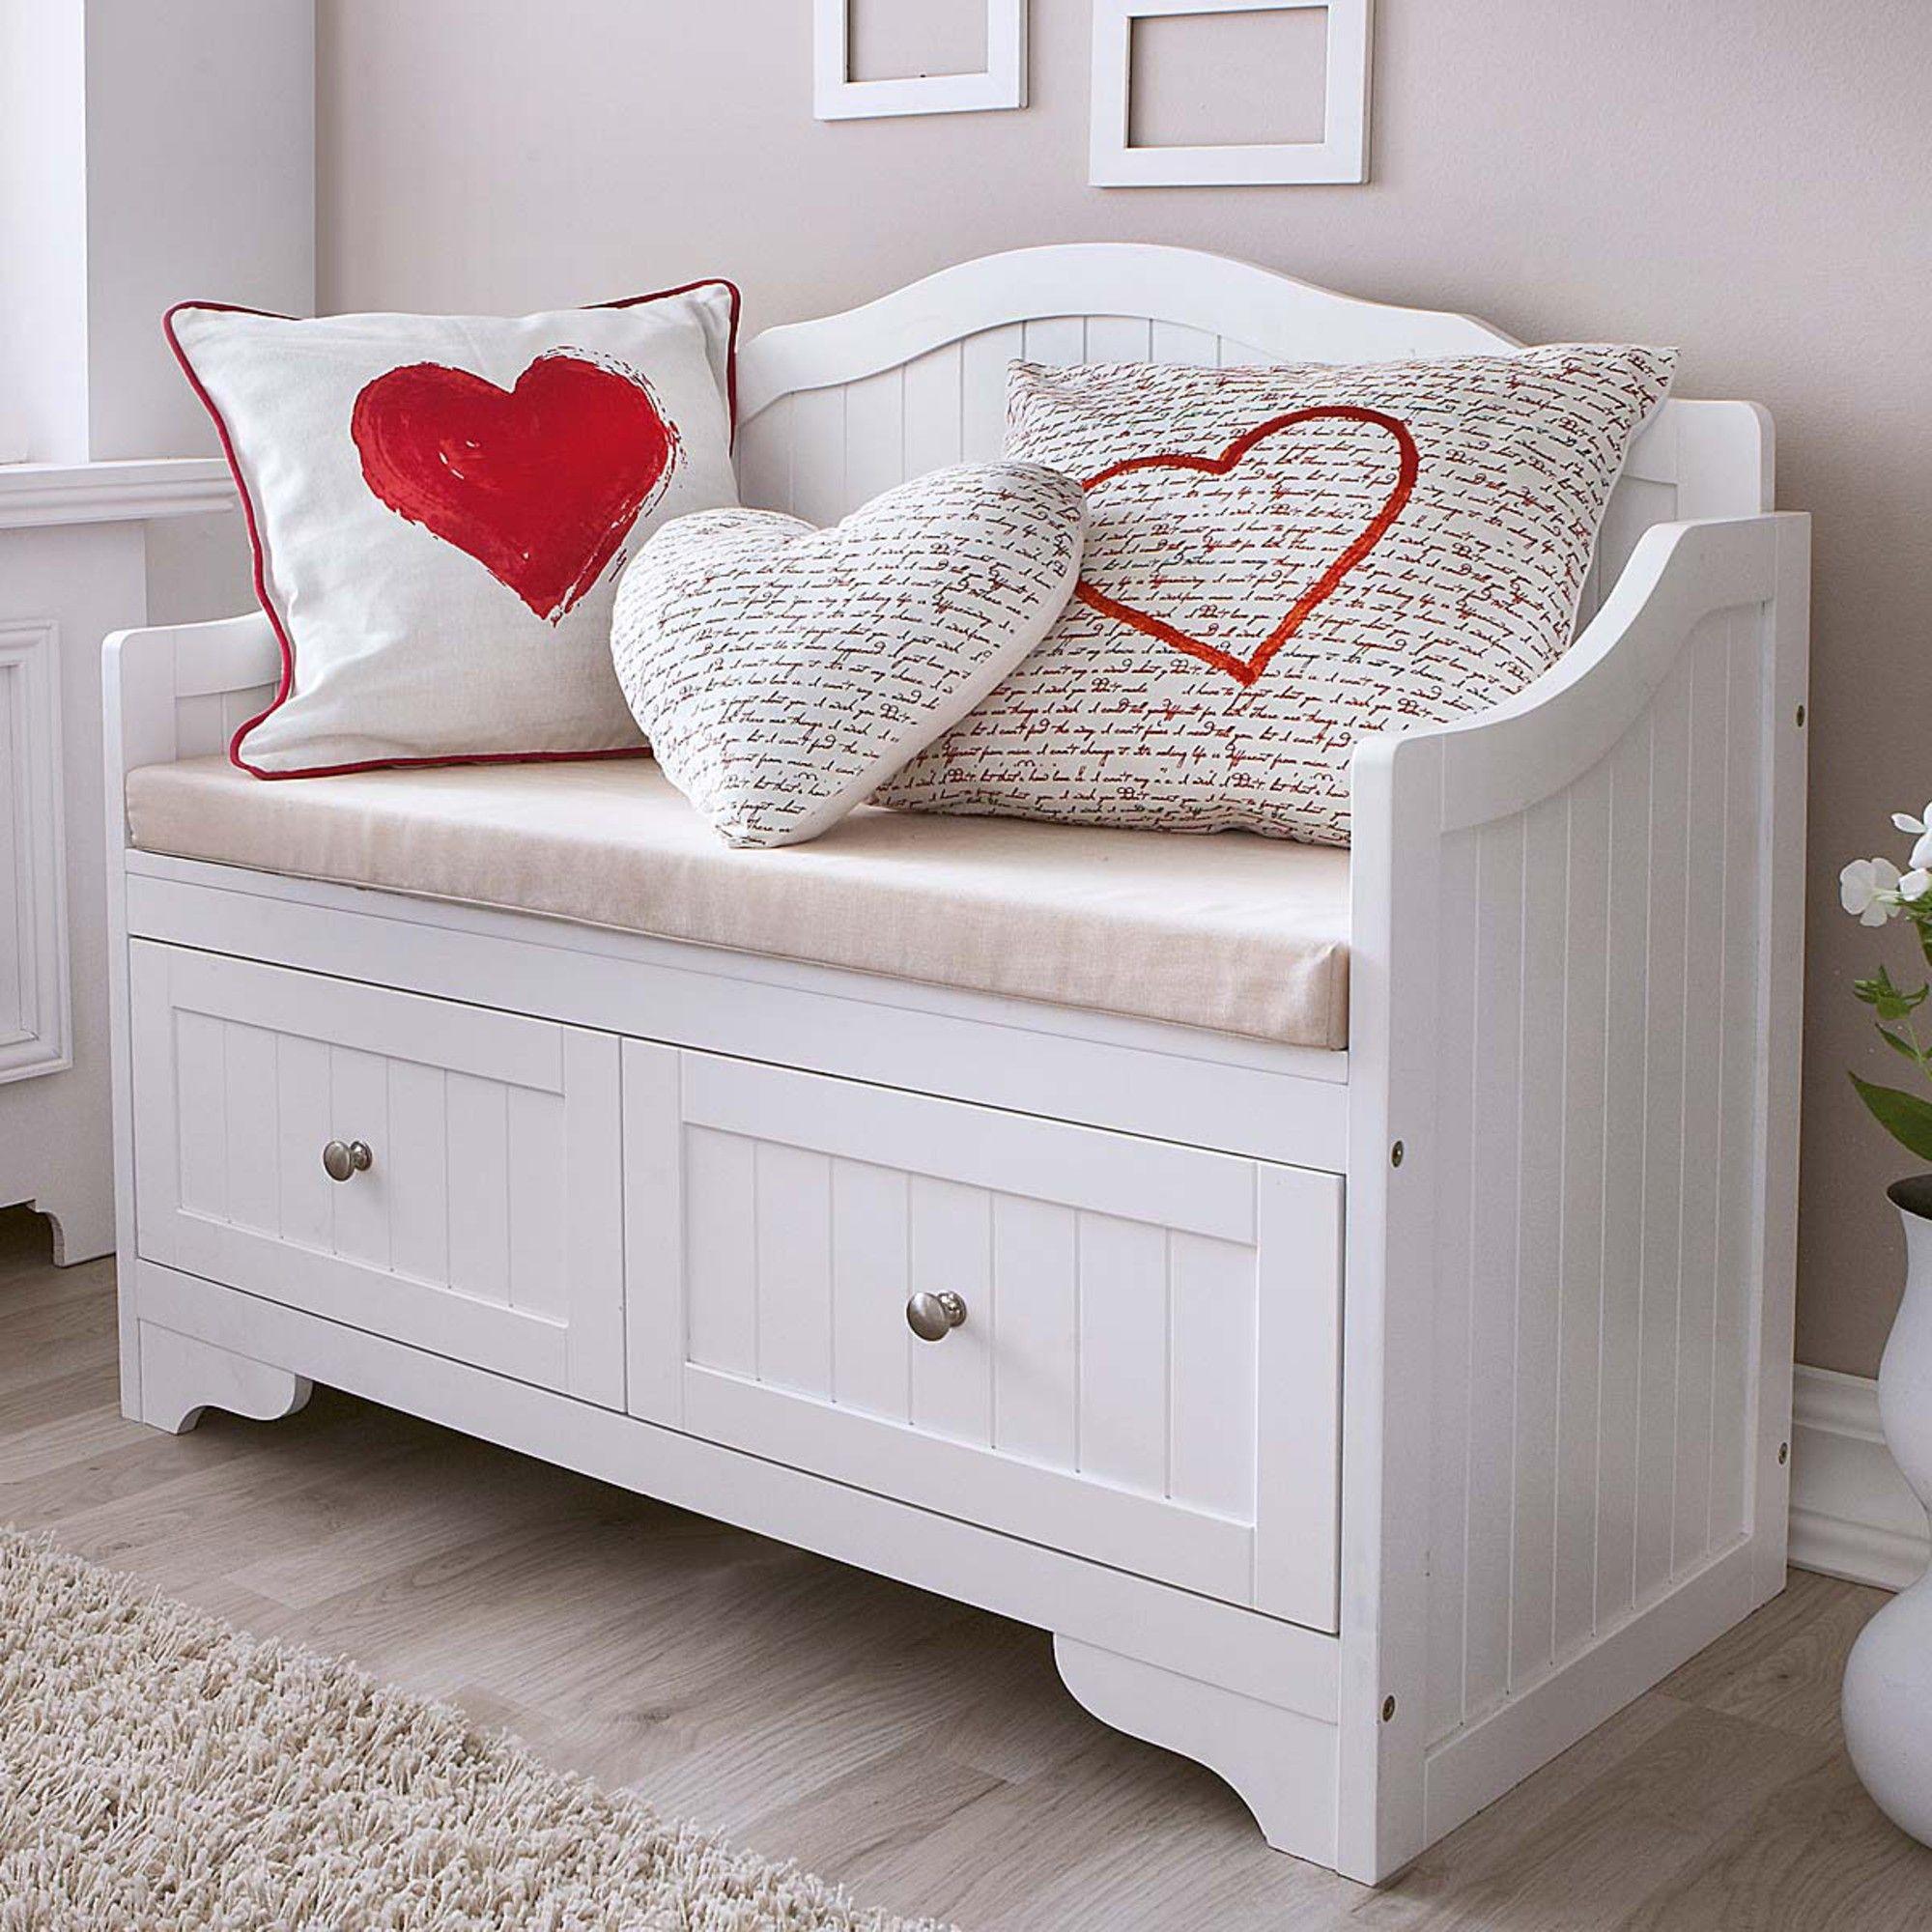 13 Brilliant Sitzbank Stauraum Furniture Furniture Design Inspiration Bench